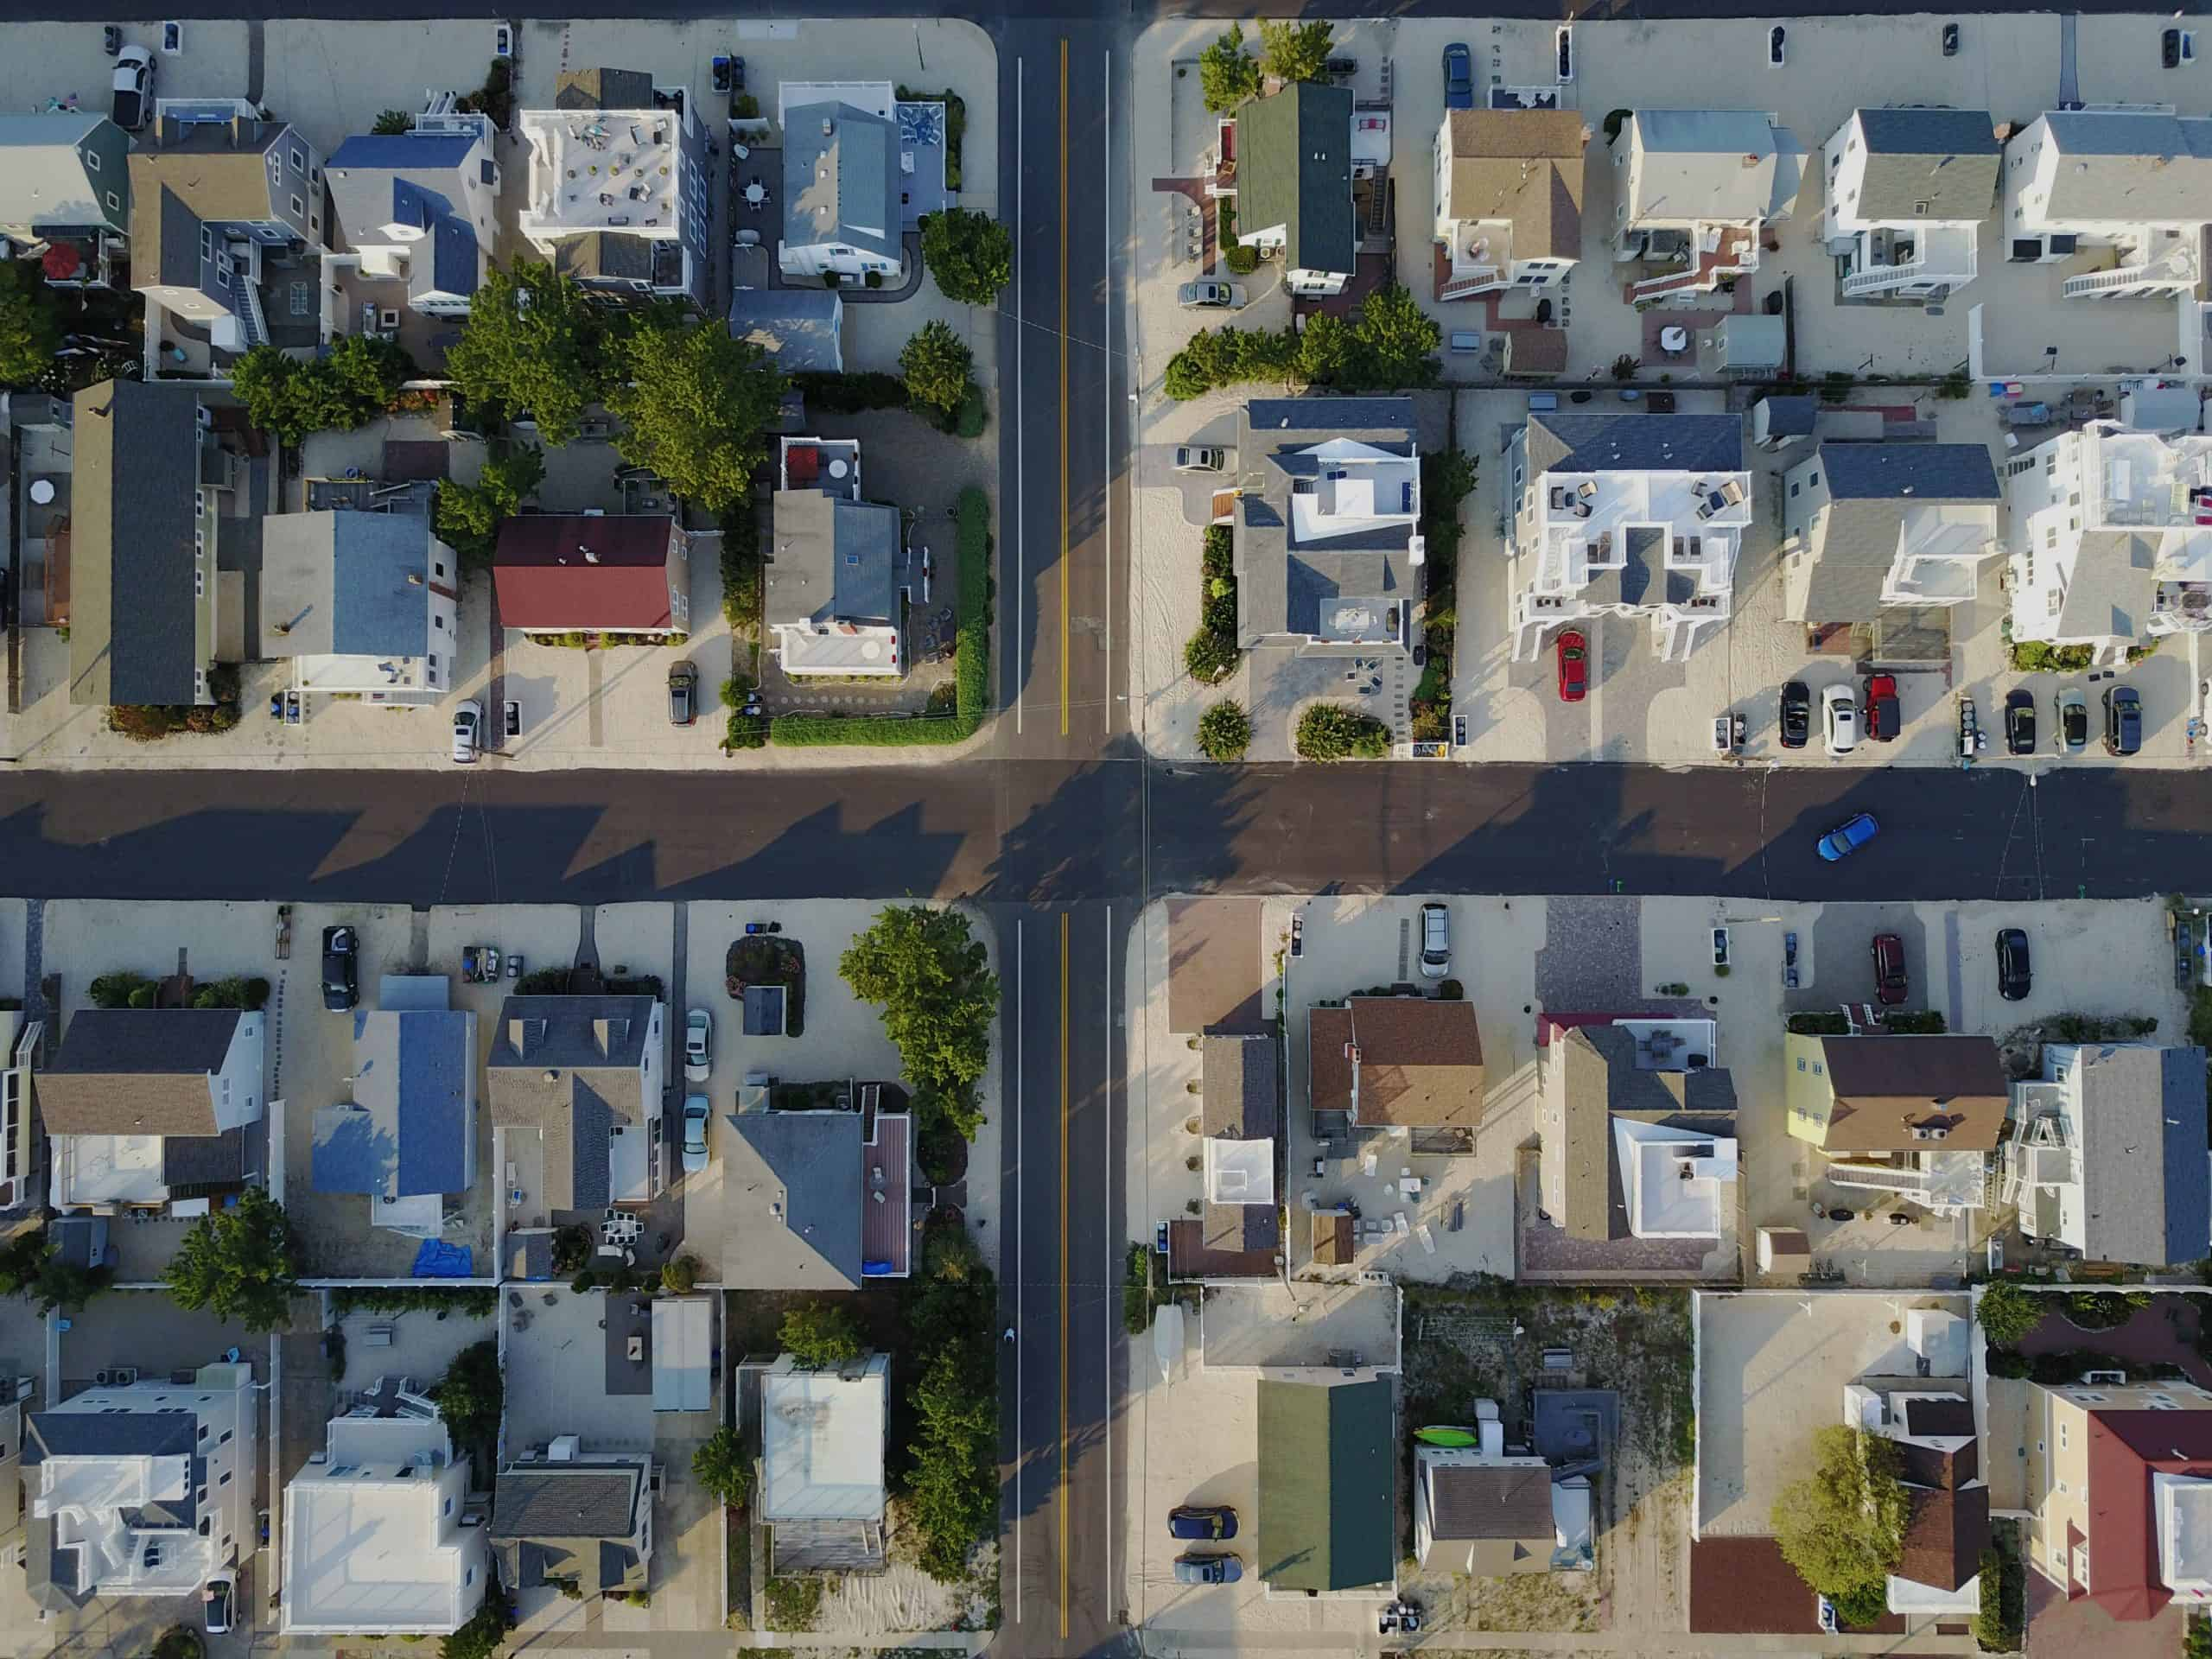 Liste von 3 Property Manager für Wohnimmobilien in Deutschland